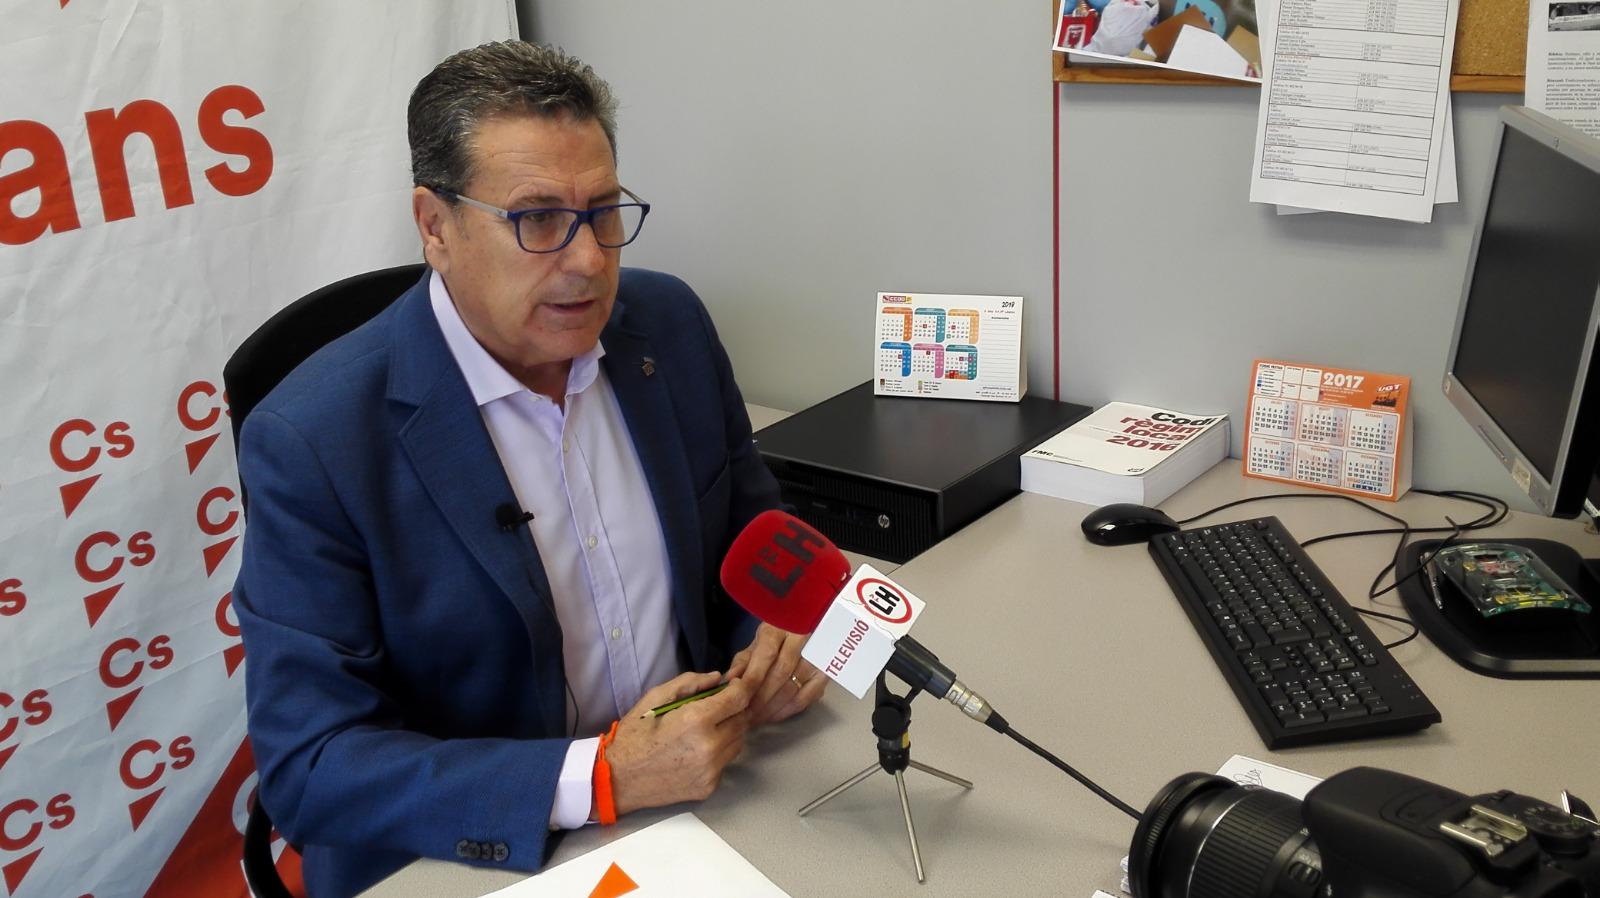 El portavoz de Cs l'Hospitalet, Miguel García, atiende a los medios en rueda de prensa